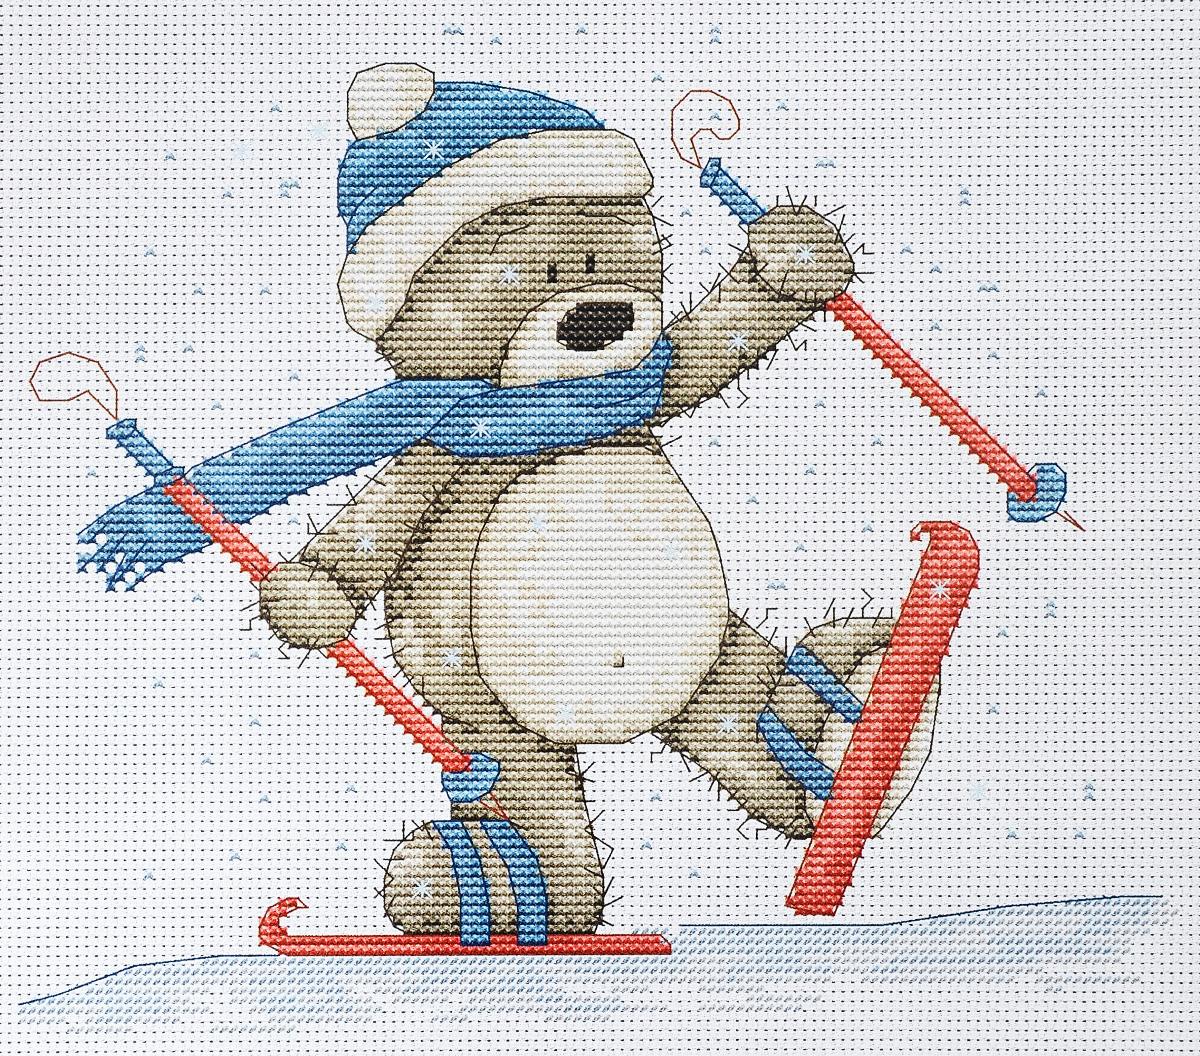 Набор для вышивания крестом Luca-S Медвежонок Бруно, 19 х 17 смB1004Набор для вышивания крестом Luca-S Медвежонок Бруно поможет создать красивую вышитую картину. Рисунок-вышивка, выполненный на канве, выглядит стильно и модно. Вышивание отвлечет вас от повседневных забот и превратится в увлекательное занятие! Работа, сделанная своими руками, не только украсит интерьер дома, придав ему уют и оригинальность, но и будет отличным подарком для друзей и близких! Набор содержит все необходимые материалы для вышивки на канве в технике счетный крест. В набор входит: - канва Aida 16 Zweigart (белого цвета), - нитки мулине Anchor - 100% мерсеризованный хлопок (19 цветов), - черно-белая символьная схема, - инструкция на русском языке, - игла.